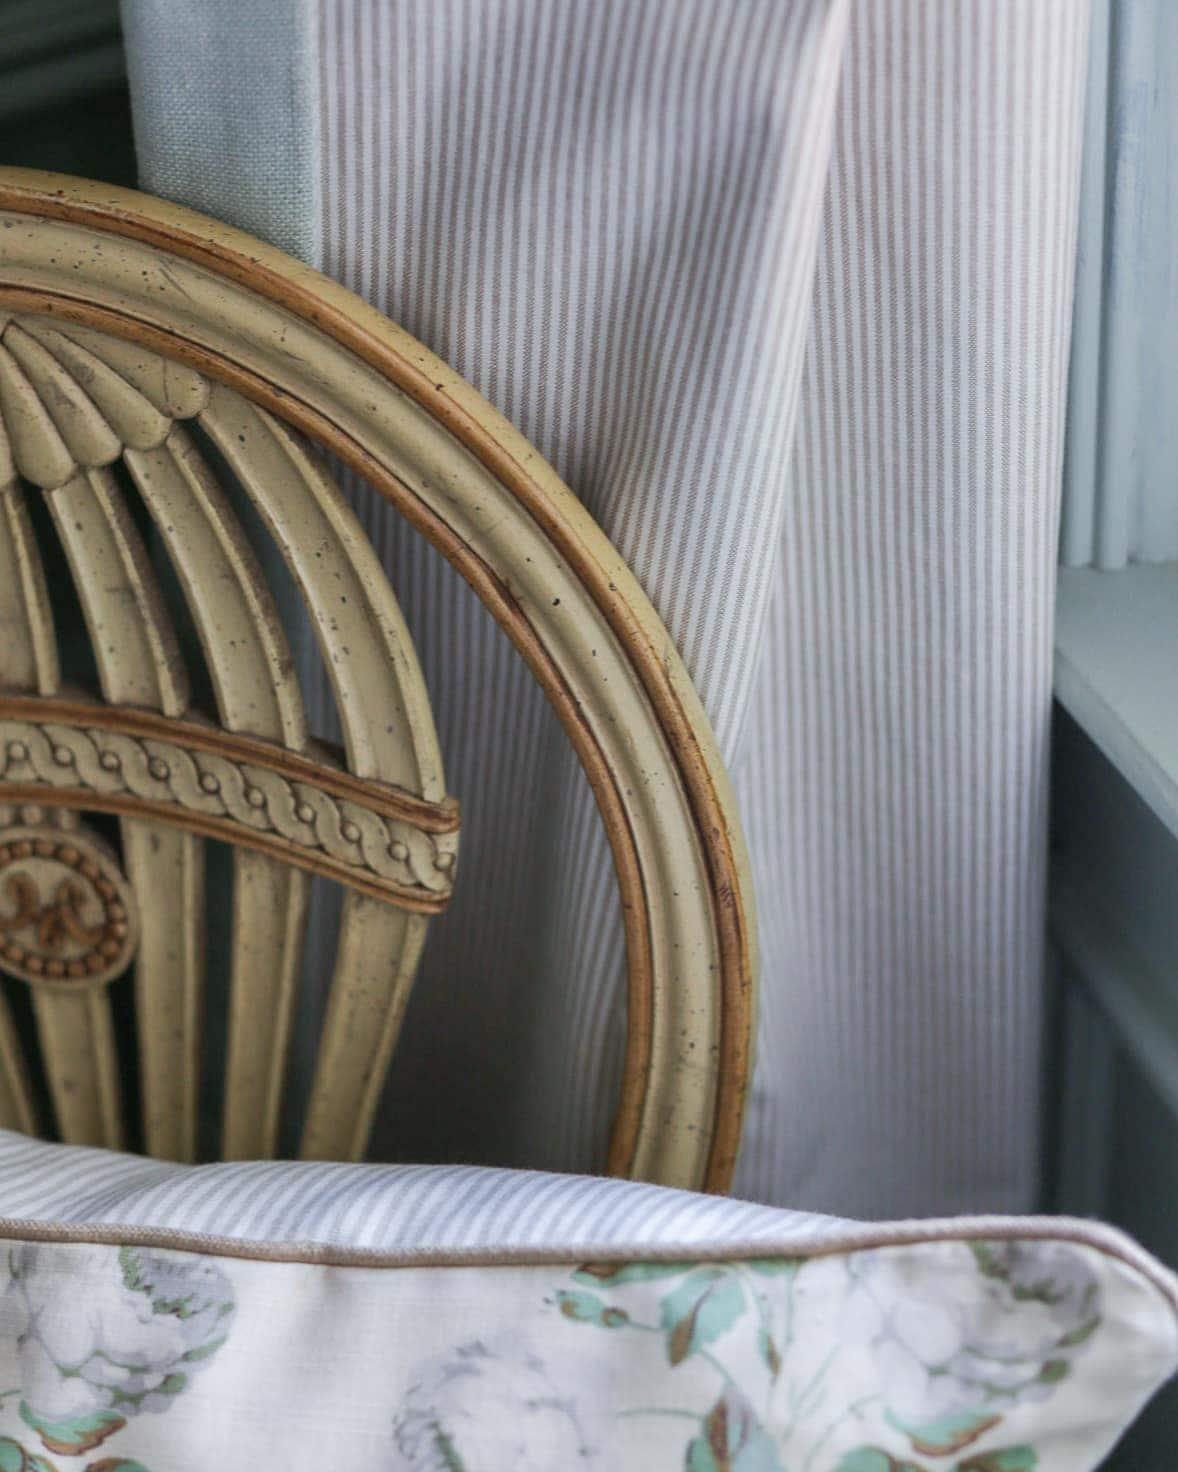 bowood-ticking-stripe-pillow-drapes